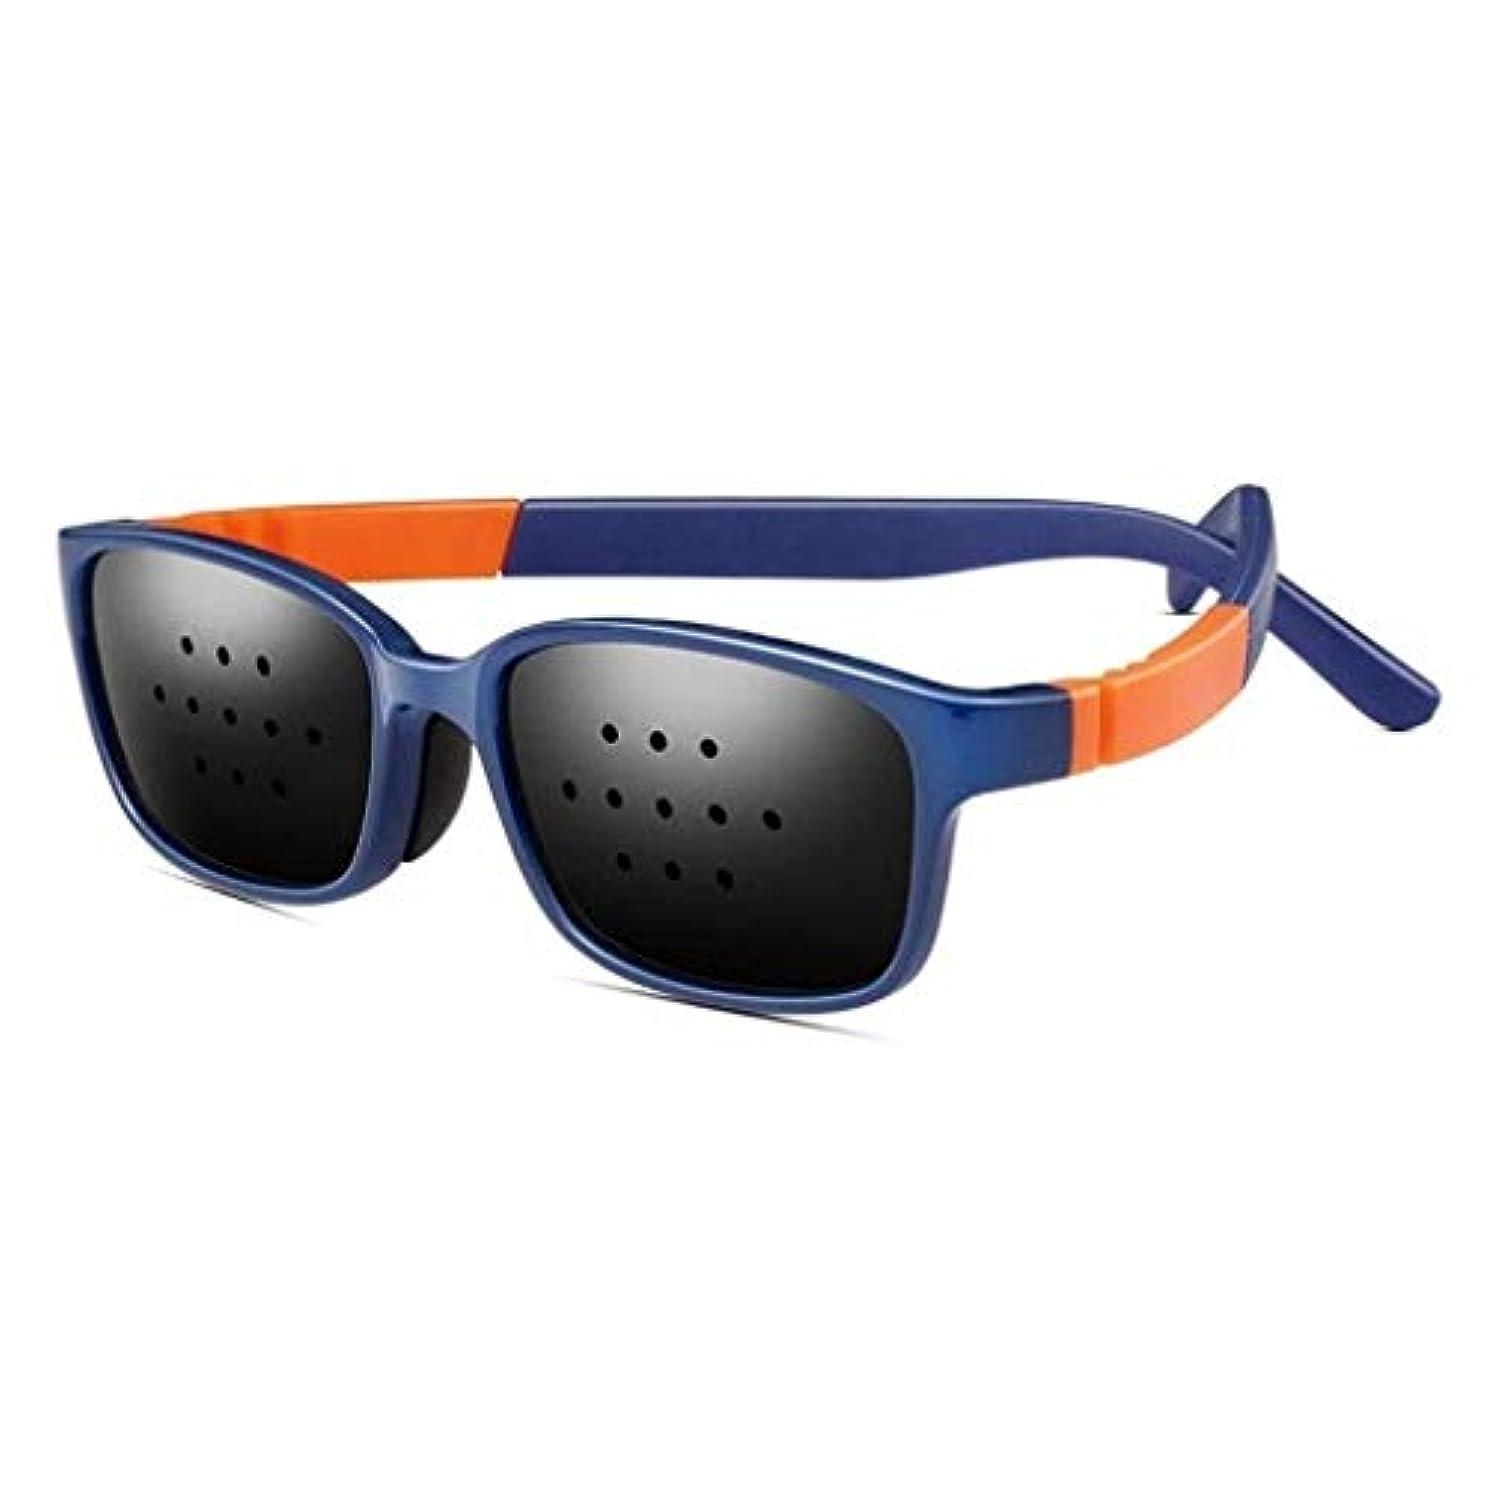 足元に戻す訴えるユニセックス視力ビジョンケアビジョン改善ピンホールメガネ目エクササイズファッションナチュラル (Color : 紫の)